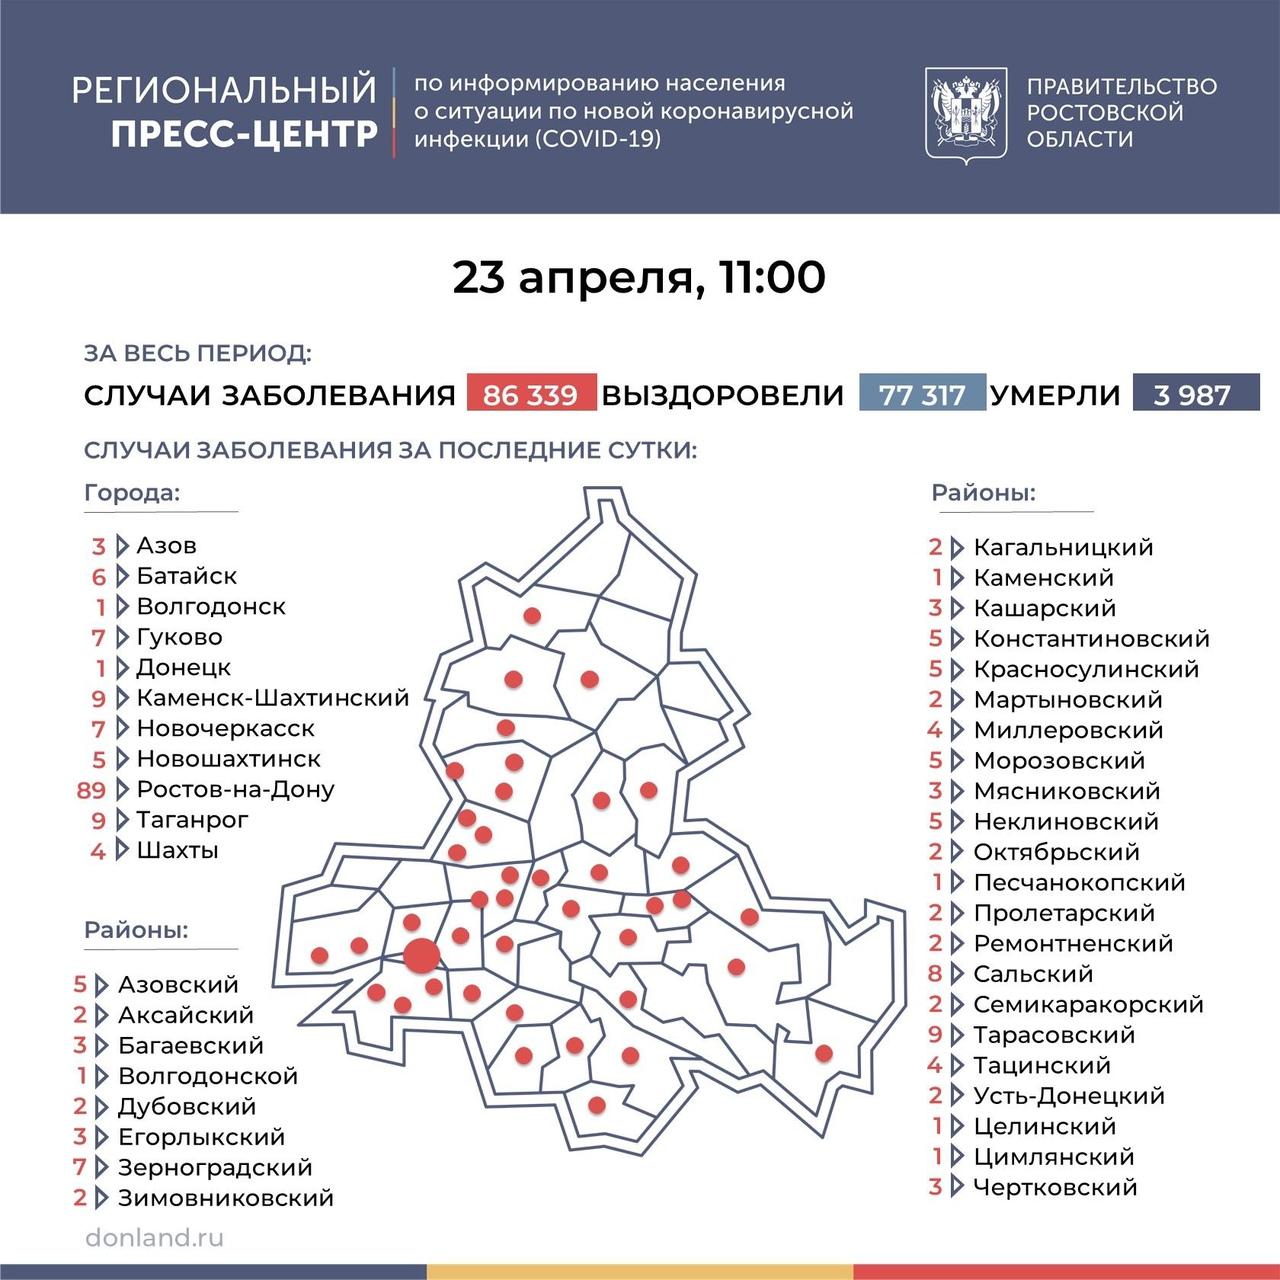 На Дону число инфицированных COVID-19 составляет 238, в Таганроге 9 новых случаев